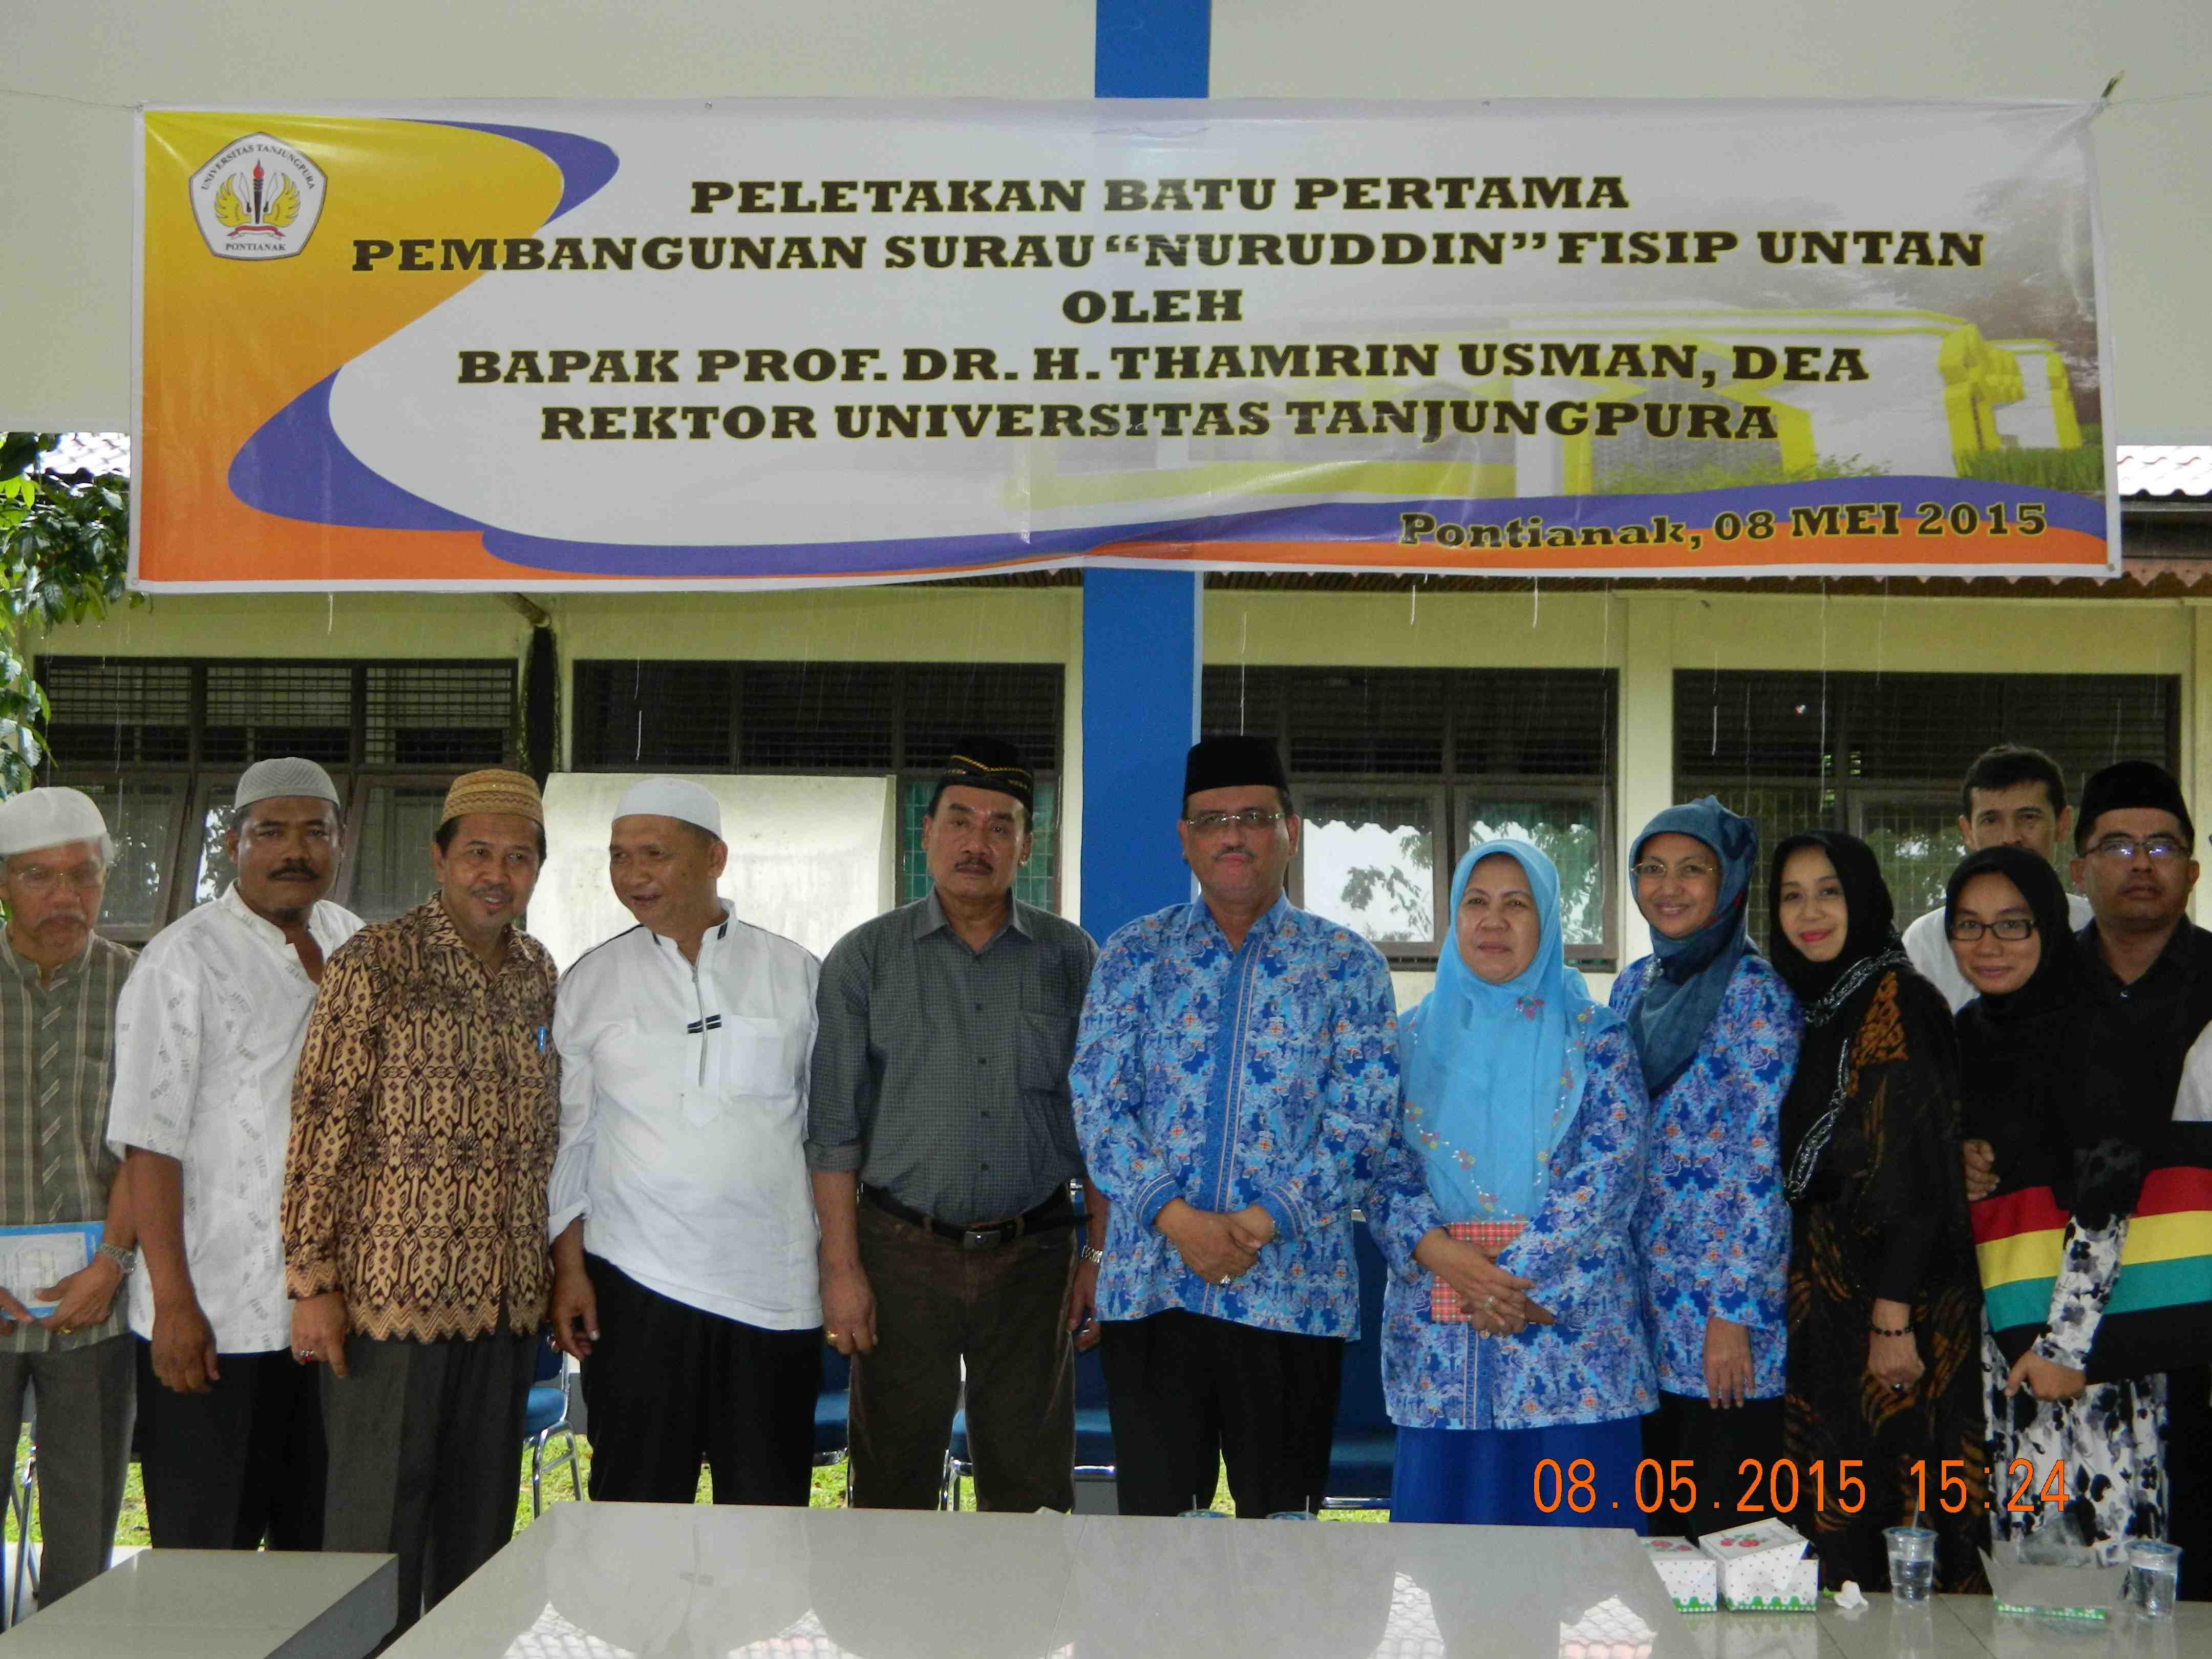 Peletakan Batu Pertama Pembangunan Surau Nuruddin